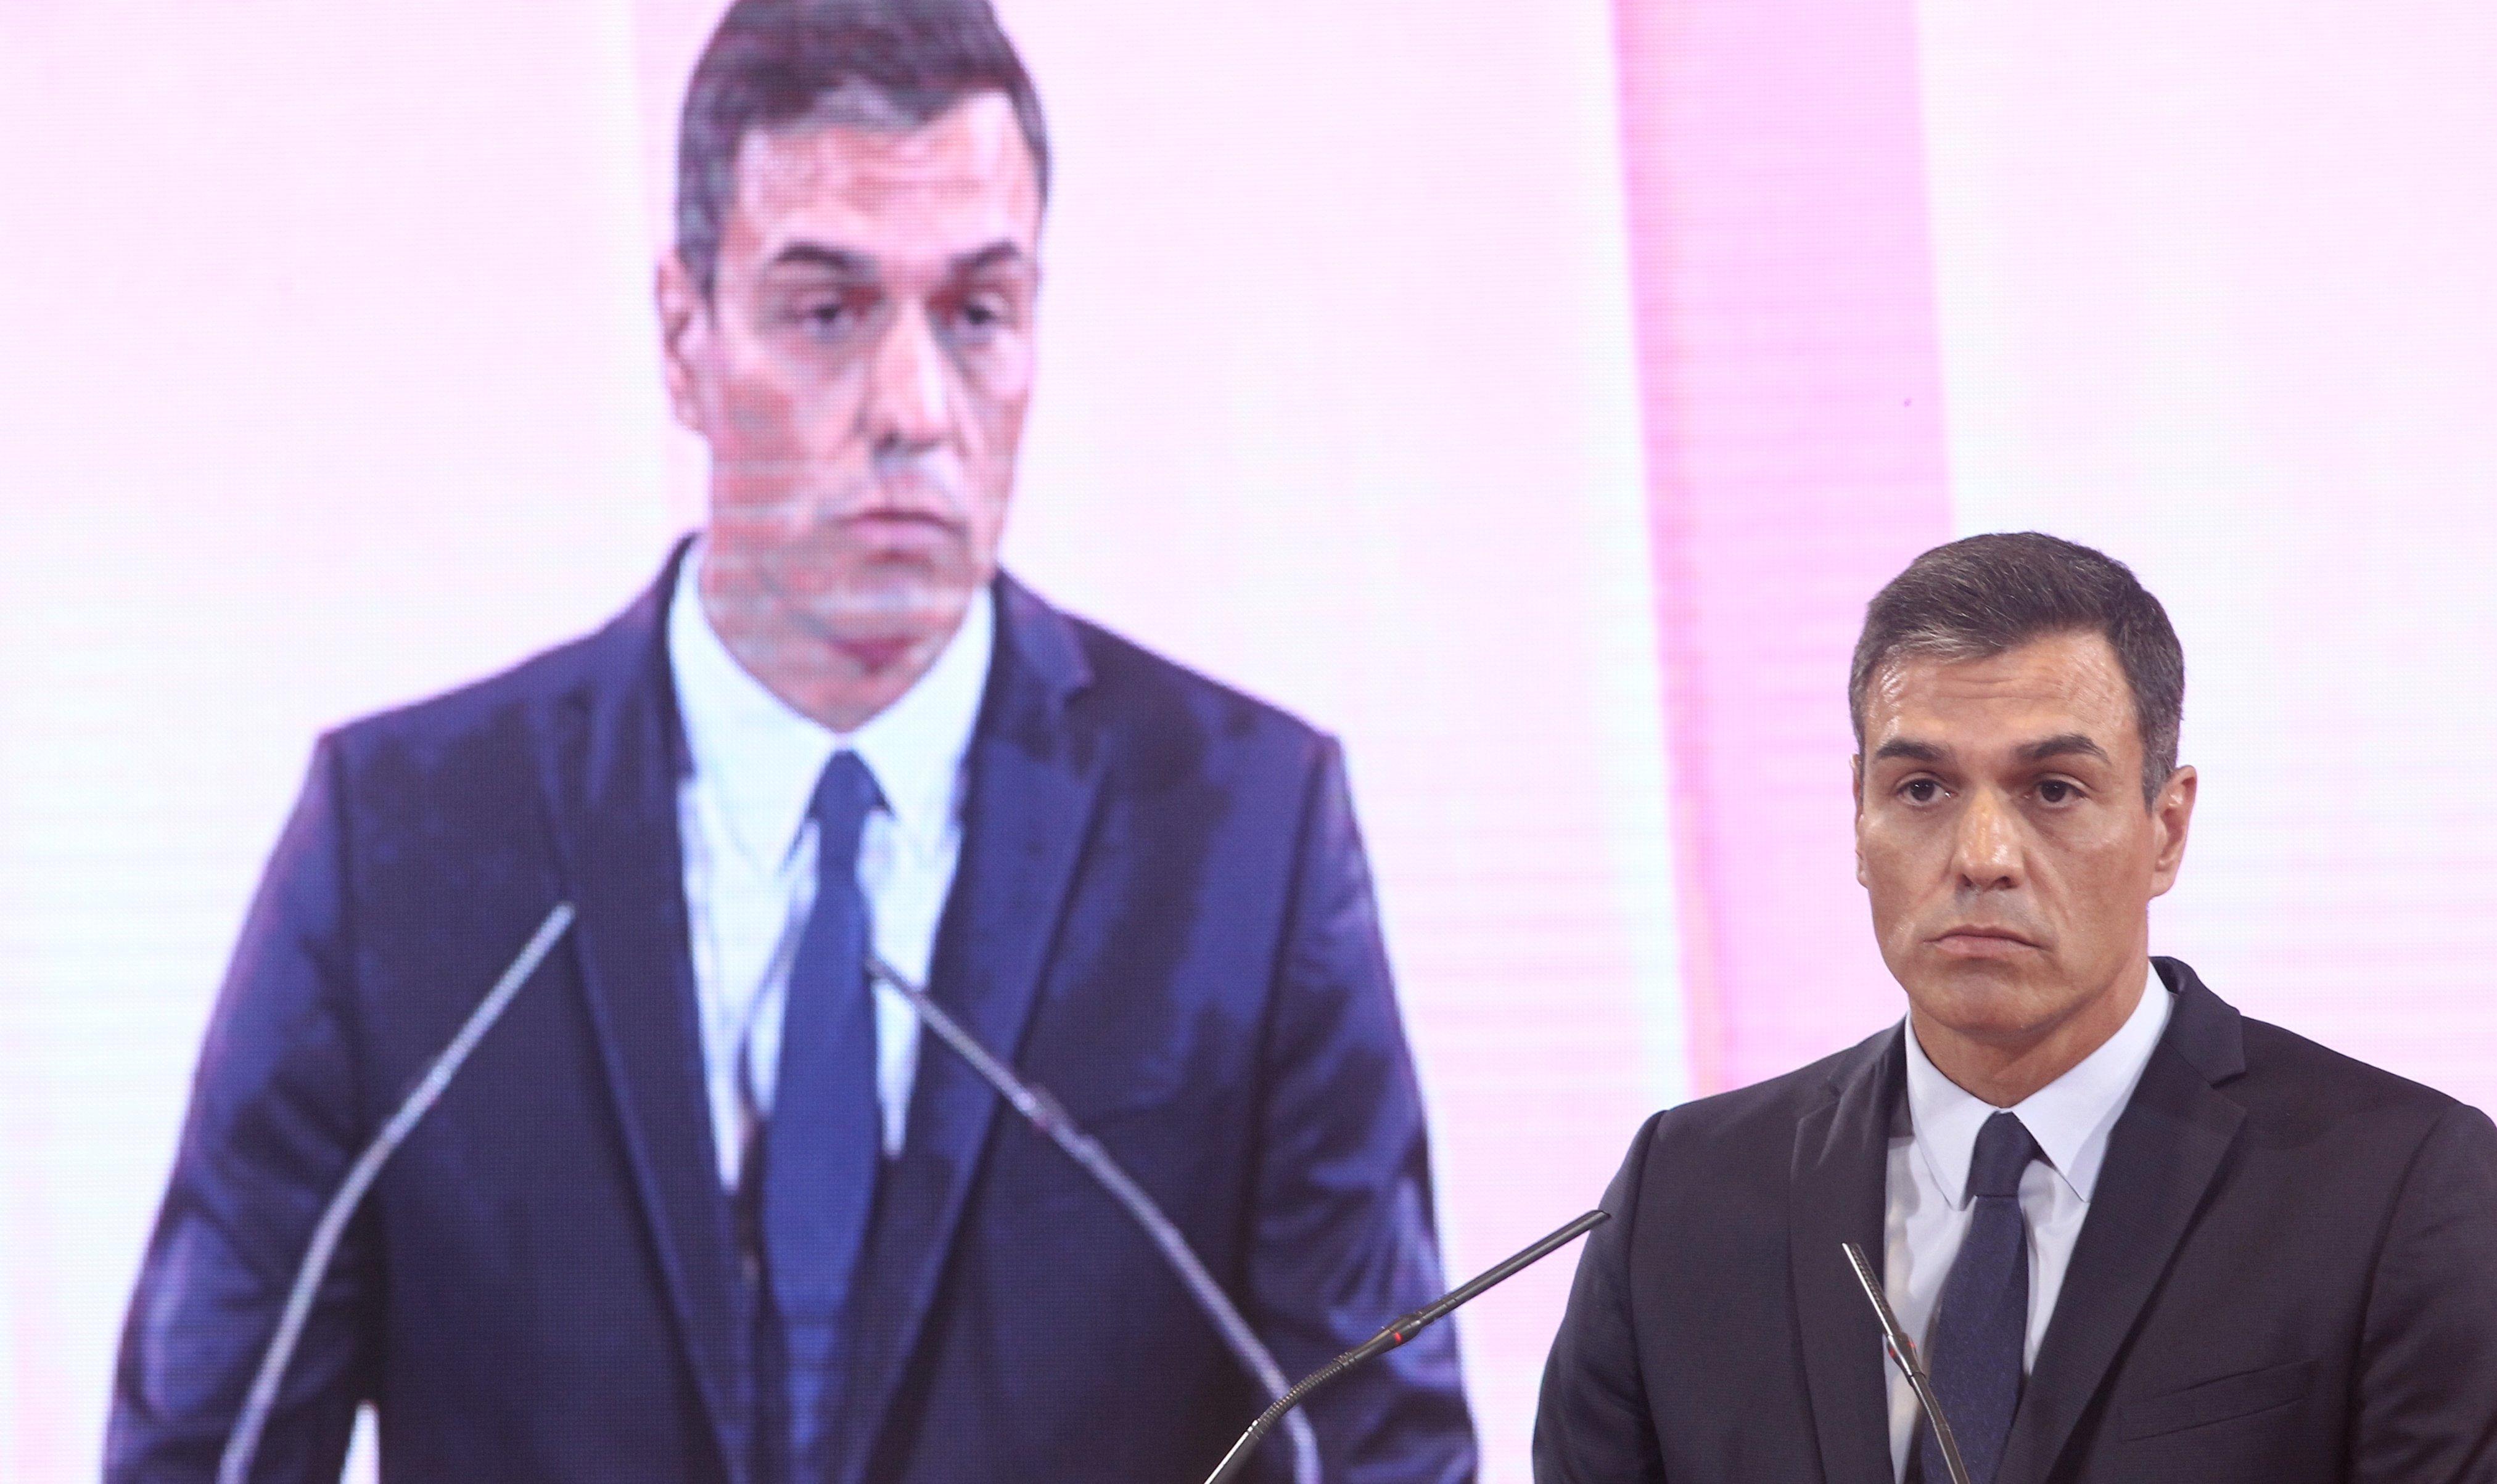 Hoy, en España, el político más votado es Pedro Sánchez, que se define como progresista